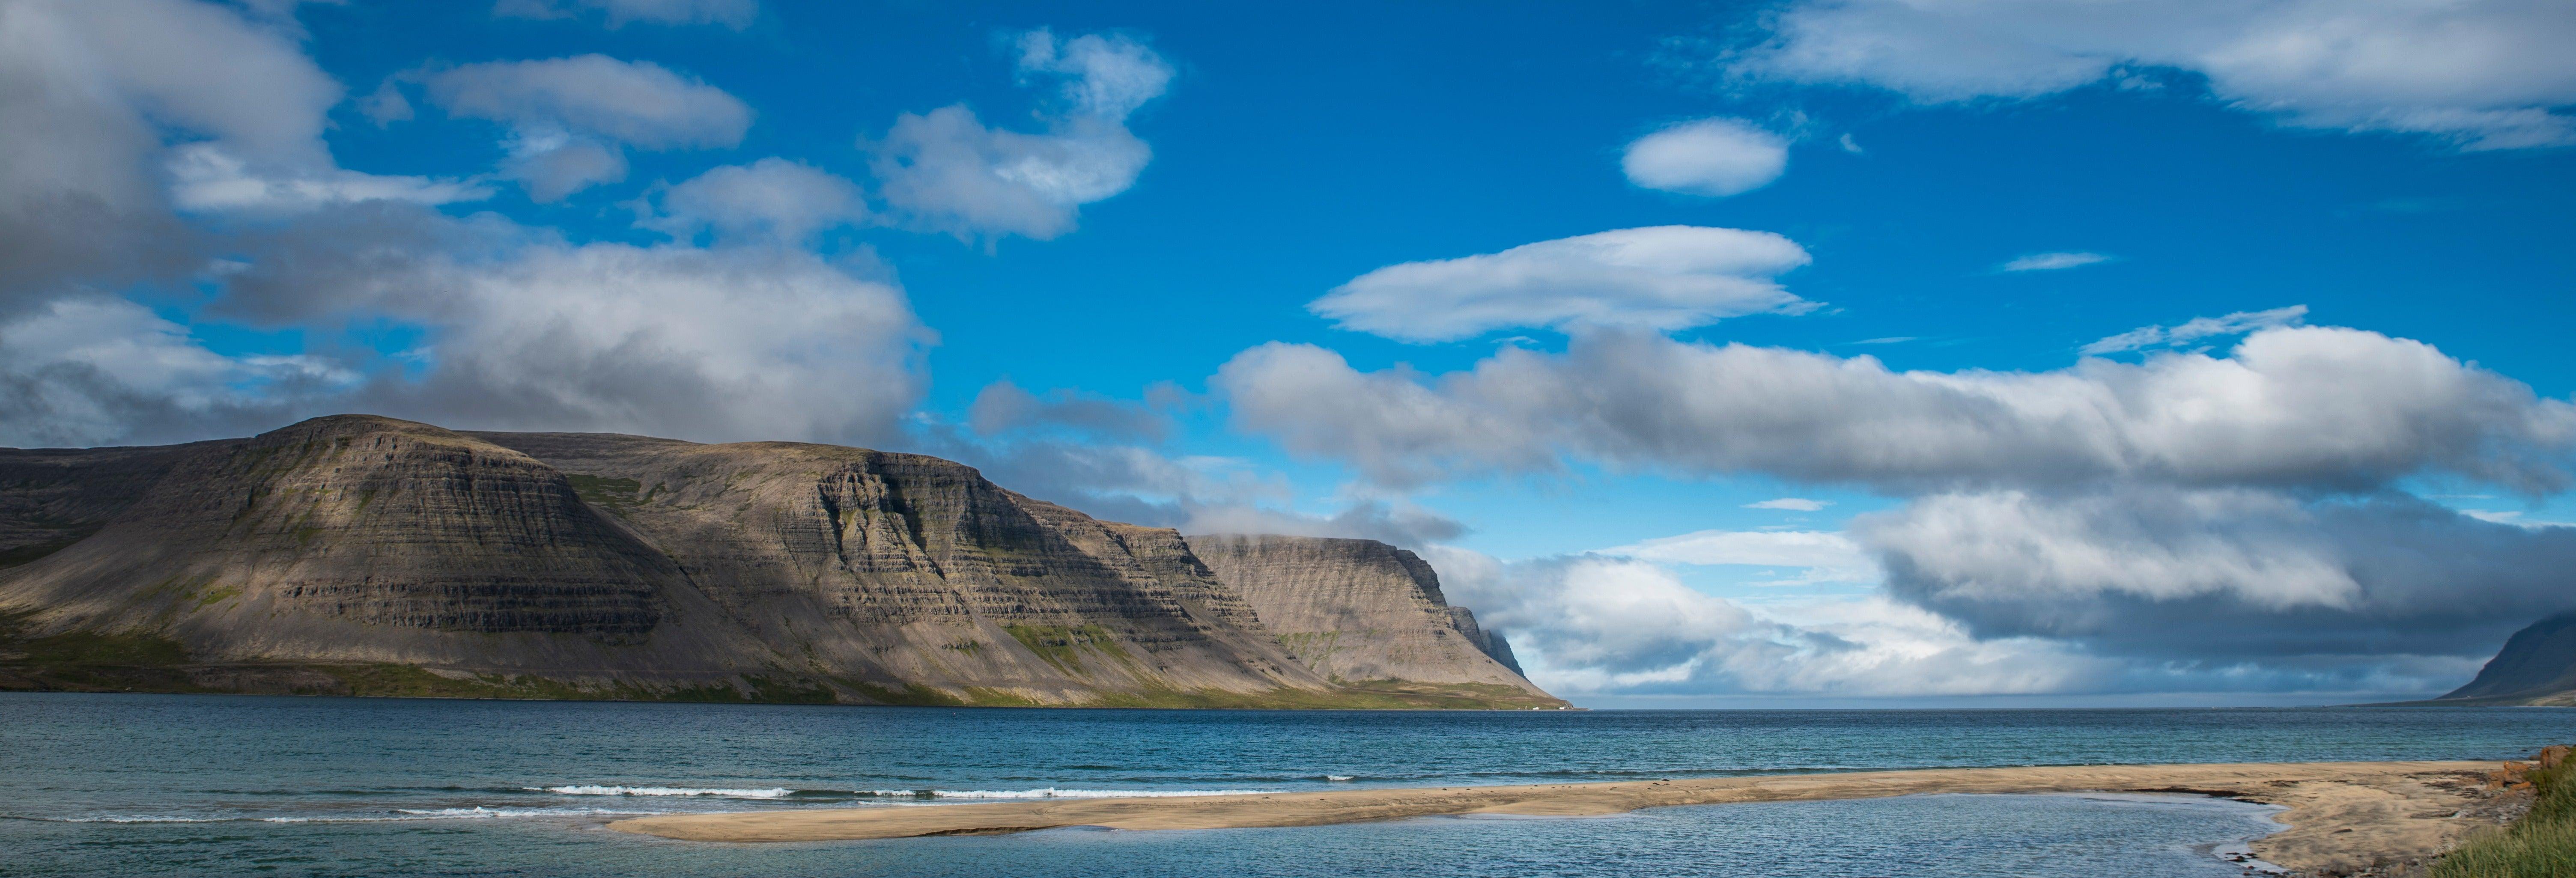 Pesca en Patreksfjordur